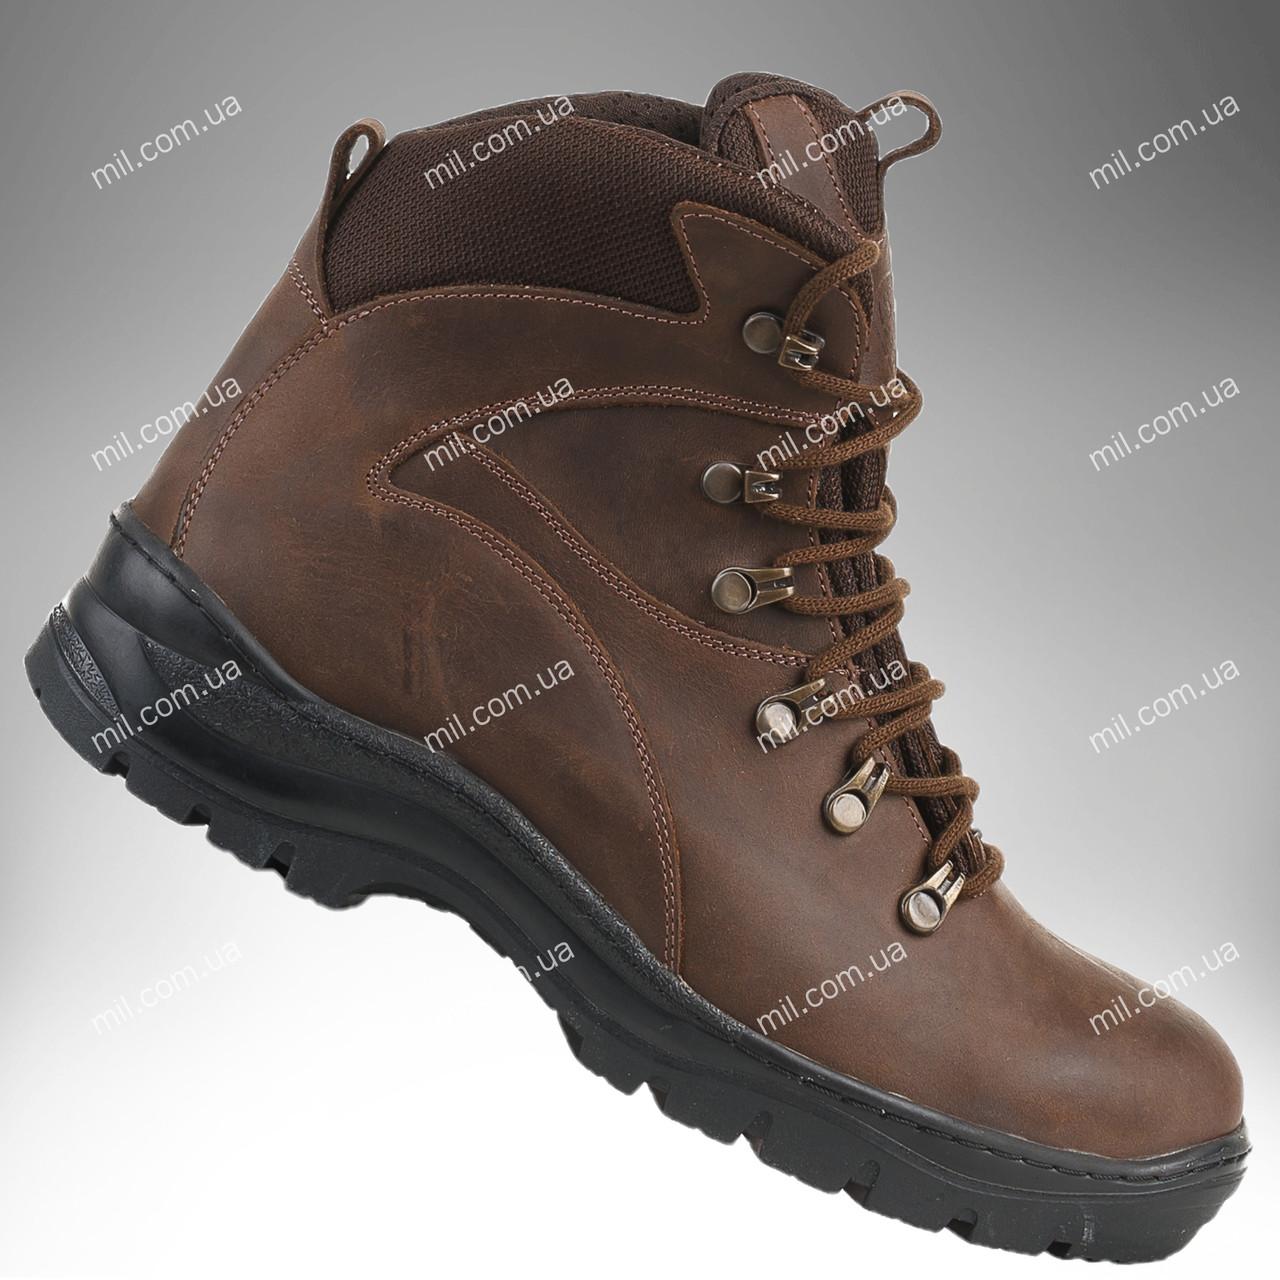 Обувь военная демисезонная / армейские, тактические ботинки ОМЕГА (крейзи)